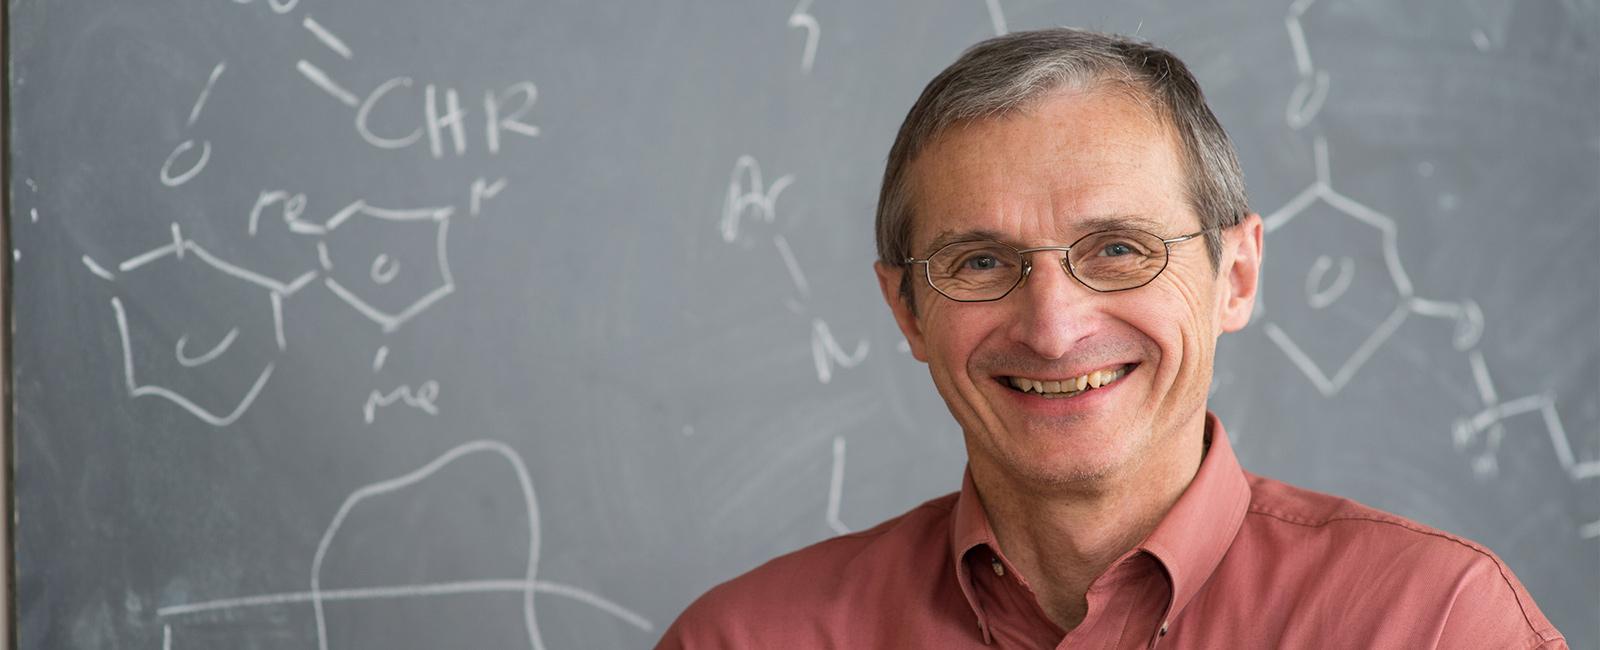 Image of Professor Richard Royce Schrock